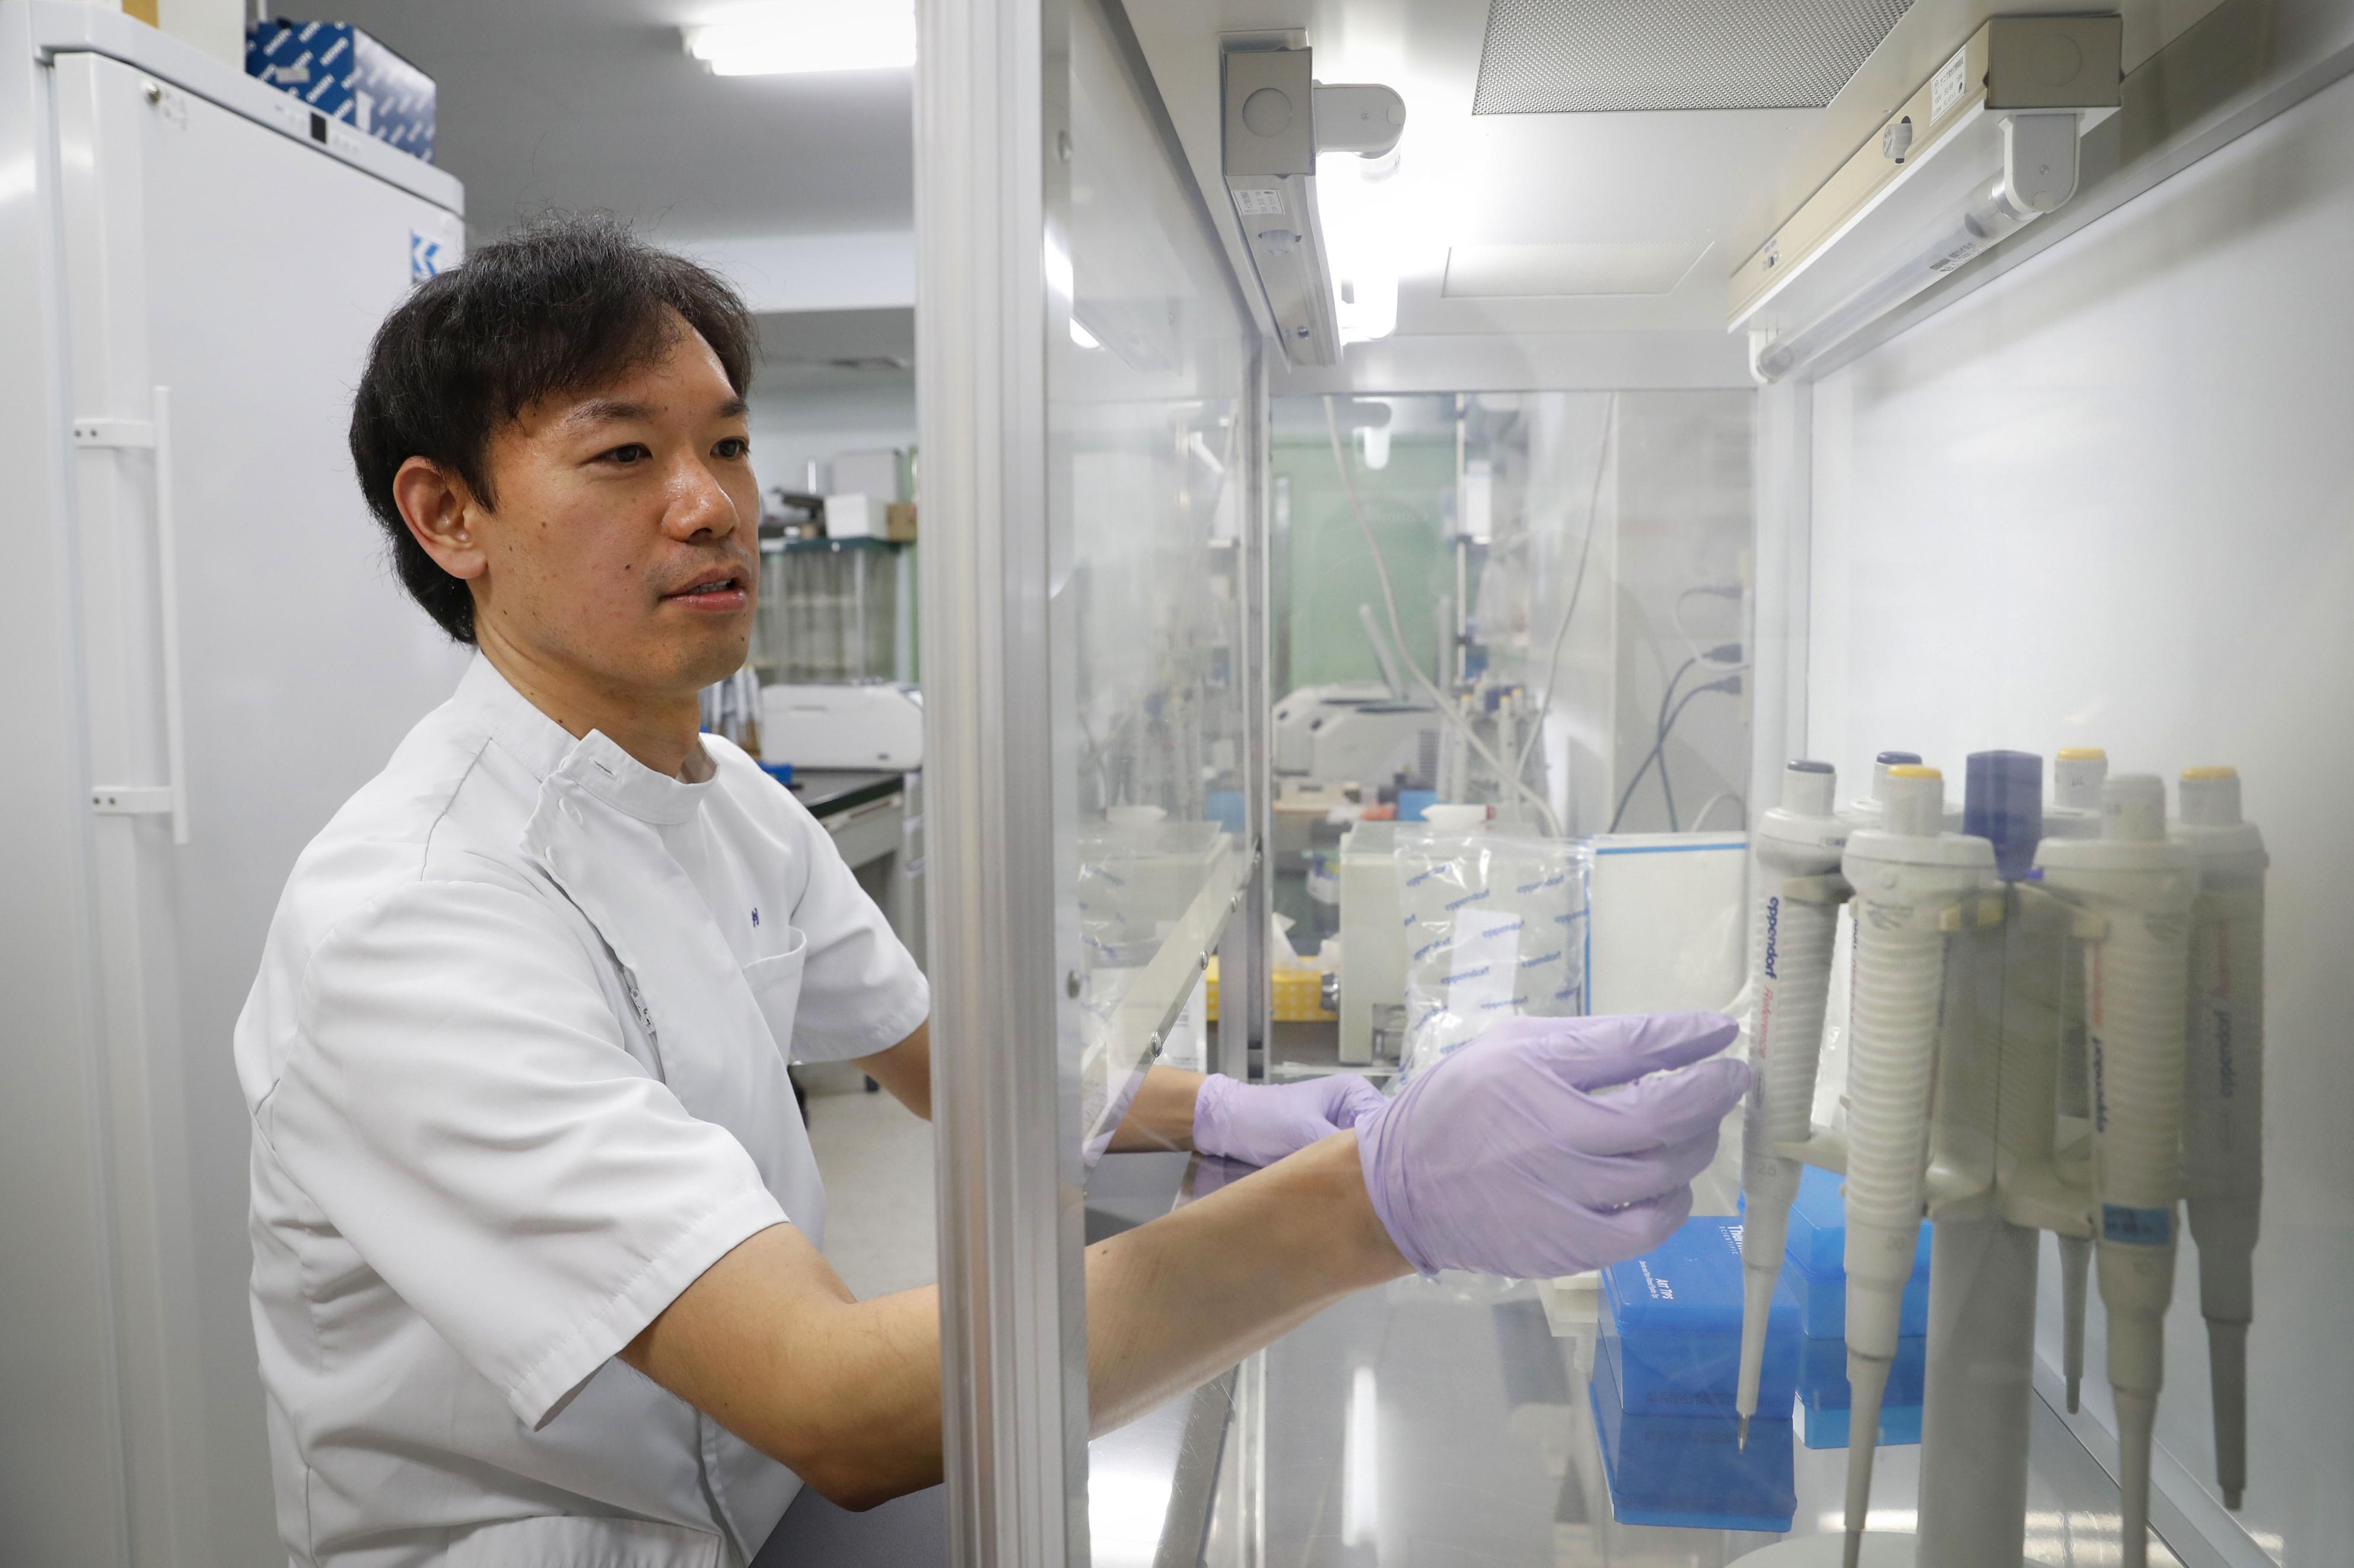 遺骨のDNAの型を調べる旭川医大准教授の浅利優。遠い血縁関係でも身元特定につなげる方法を研究している=北海道旭川市